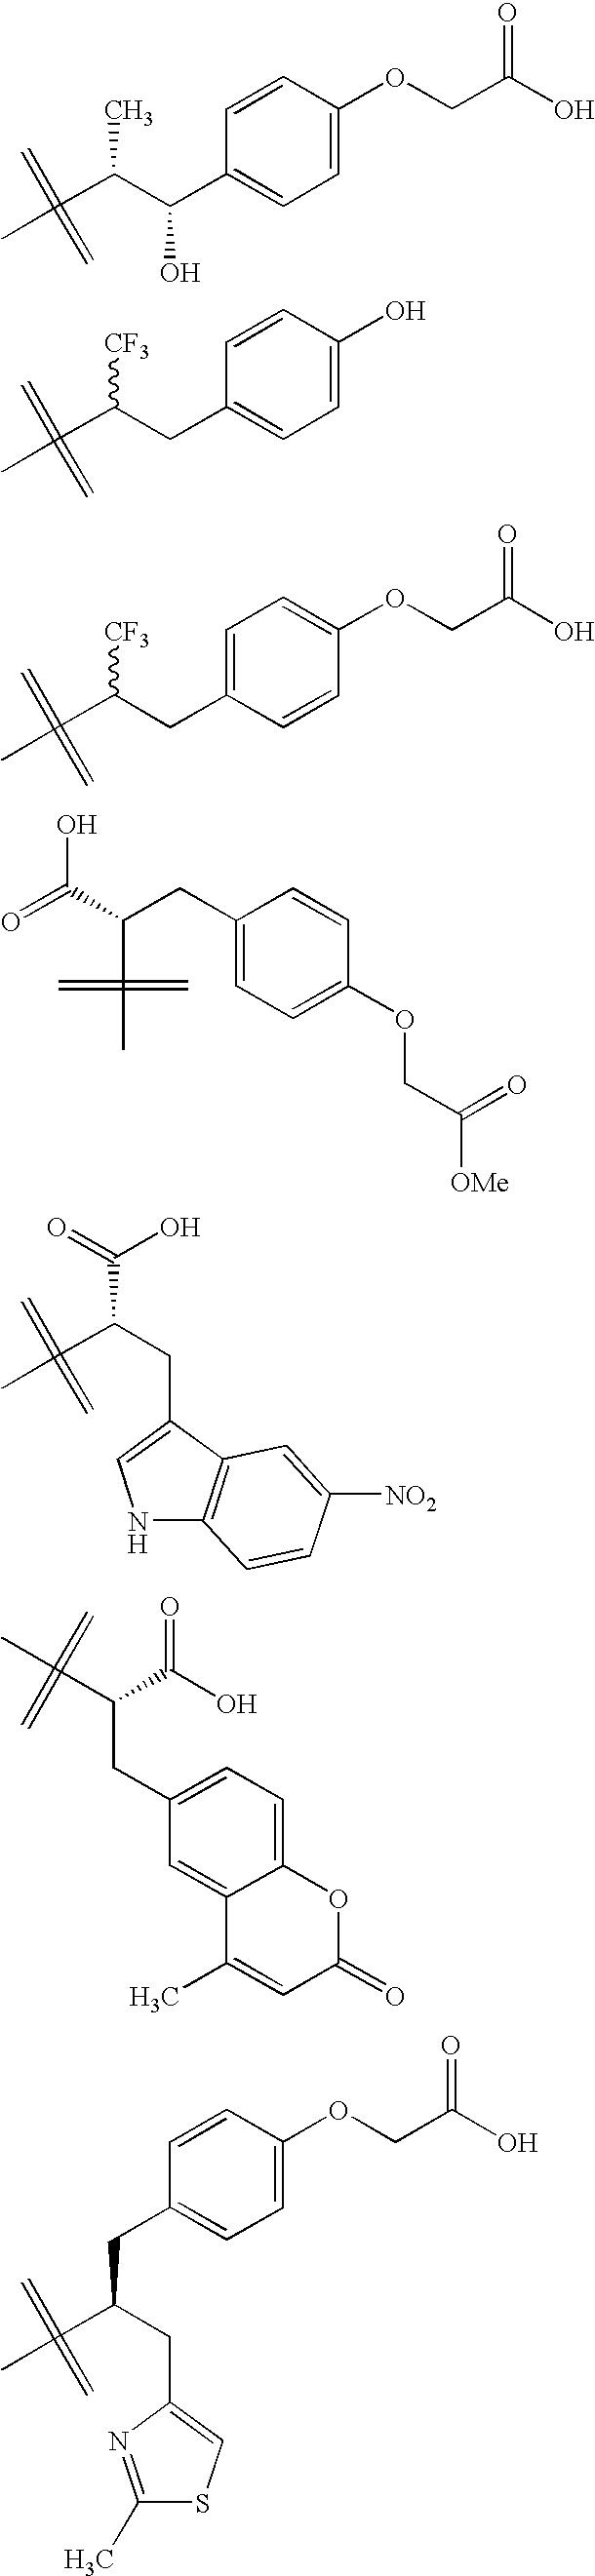 Figure US20070049593A1-20070301-C00093